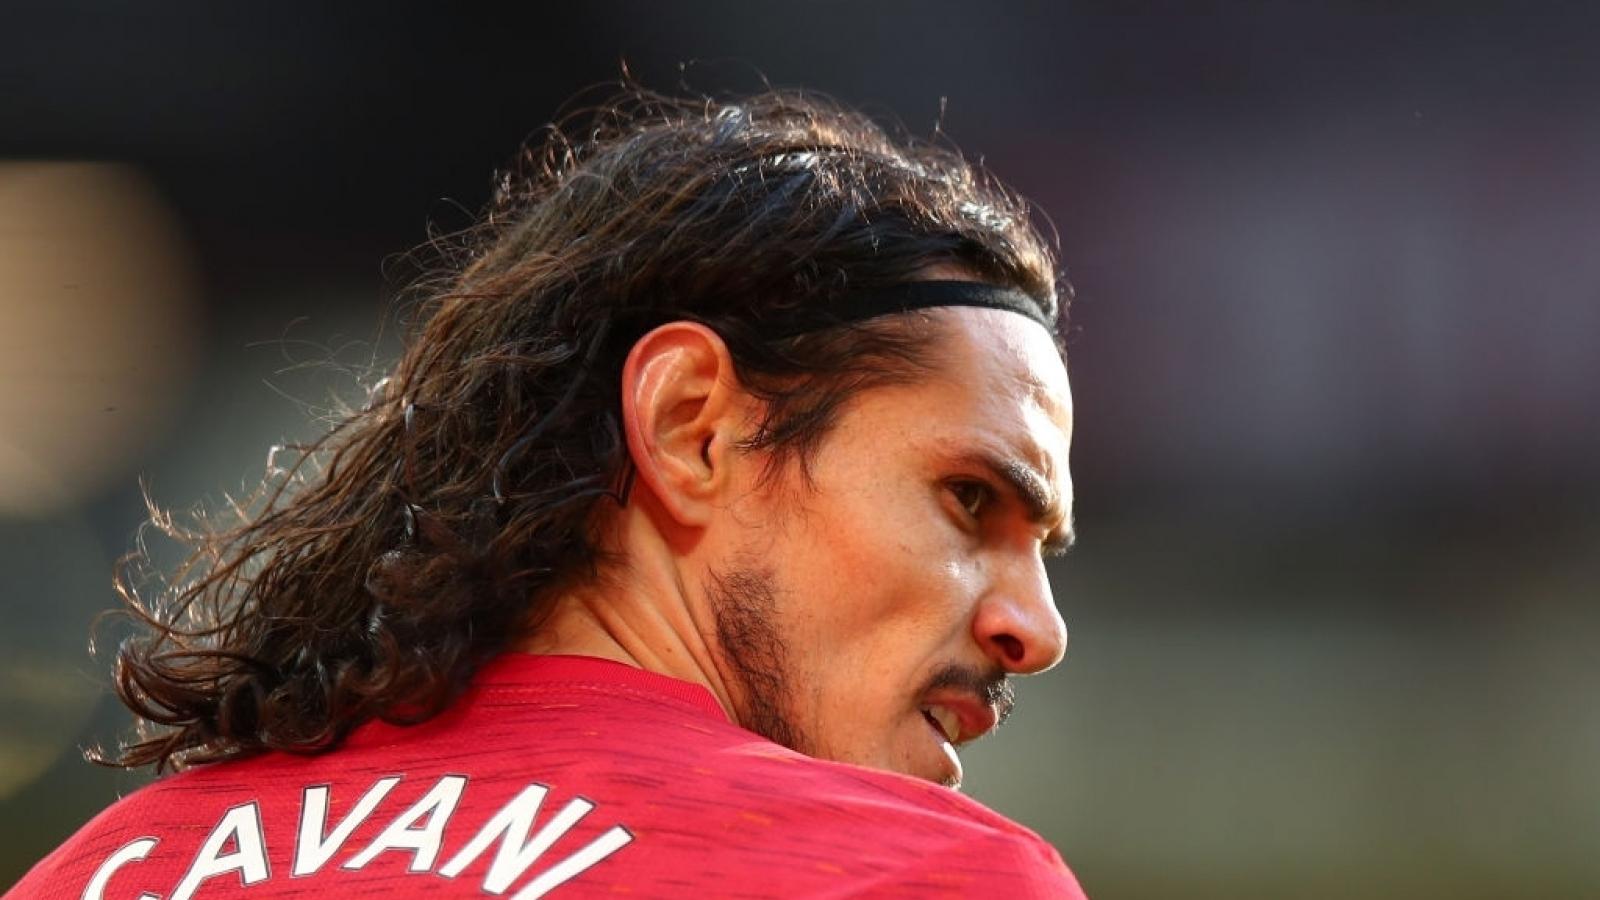 Chiêm ngưỡng siêu phẩm để đời của Cavani vào lưới Fulham